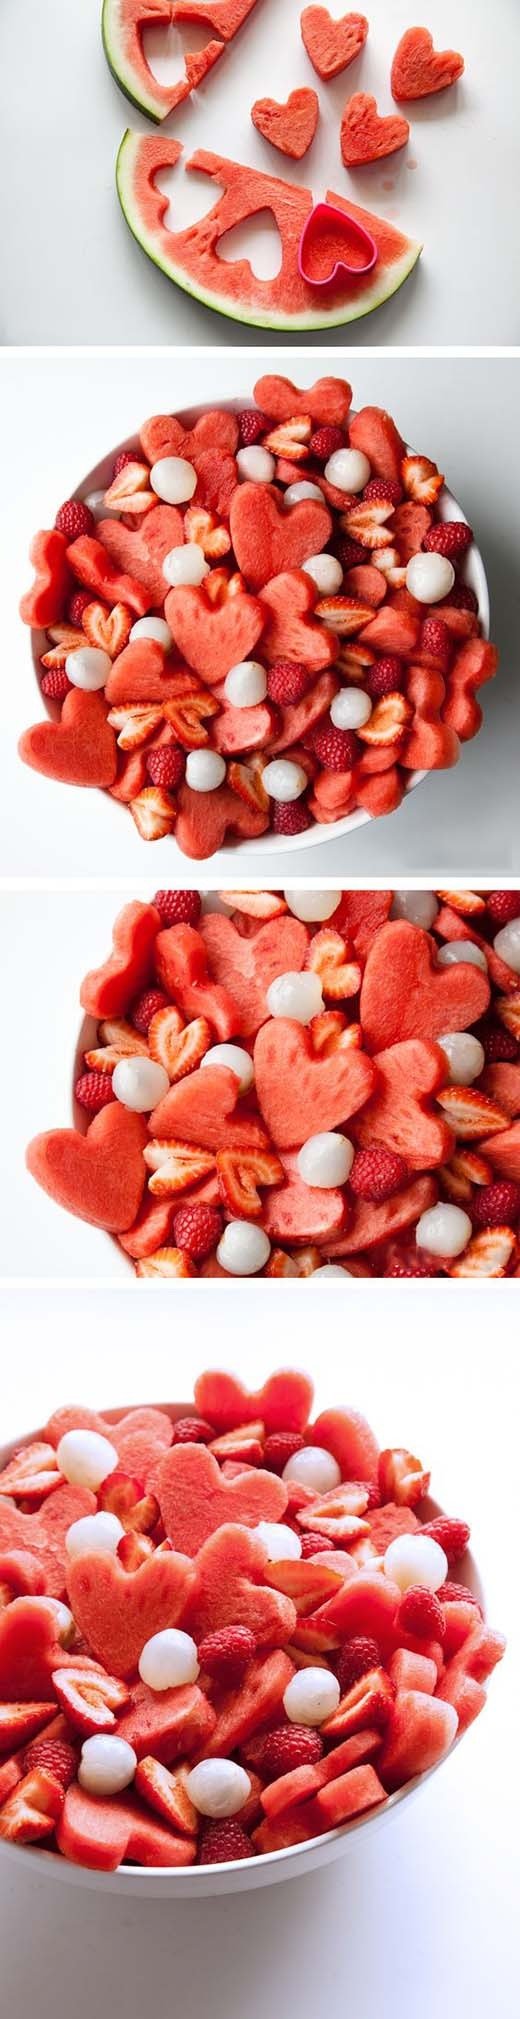 валентинка-сердечко из арбуза